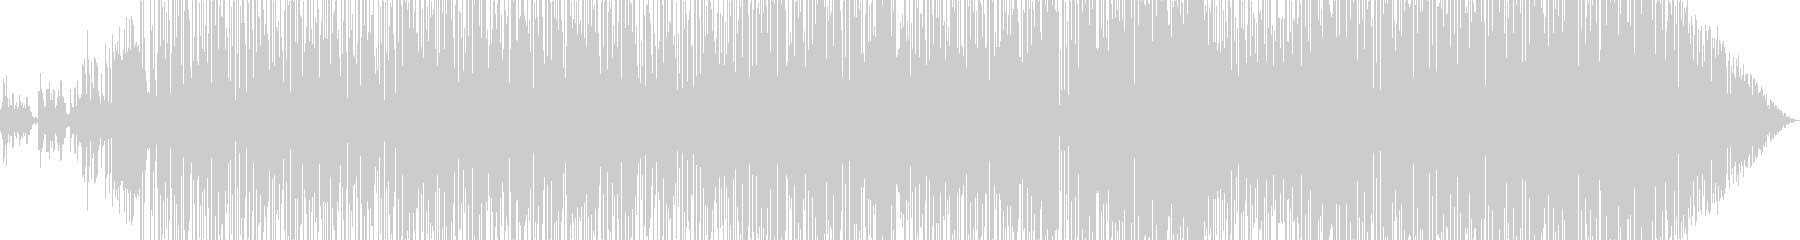 ゆったりとしたフレンチポップの未再生の波形